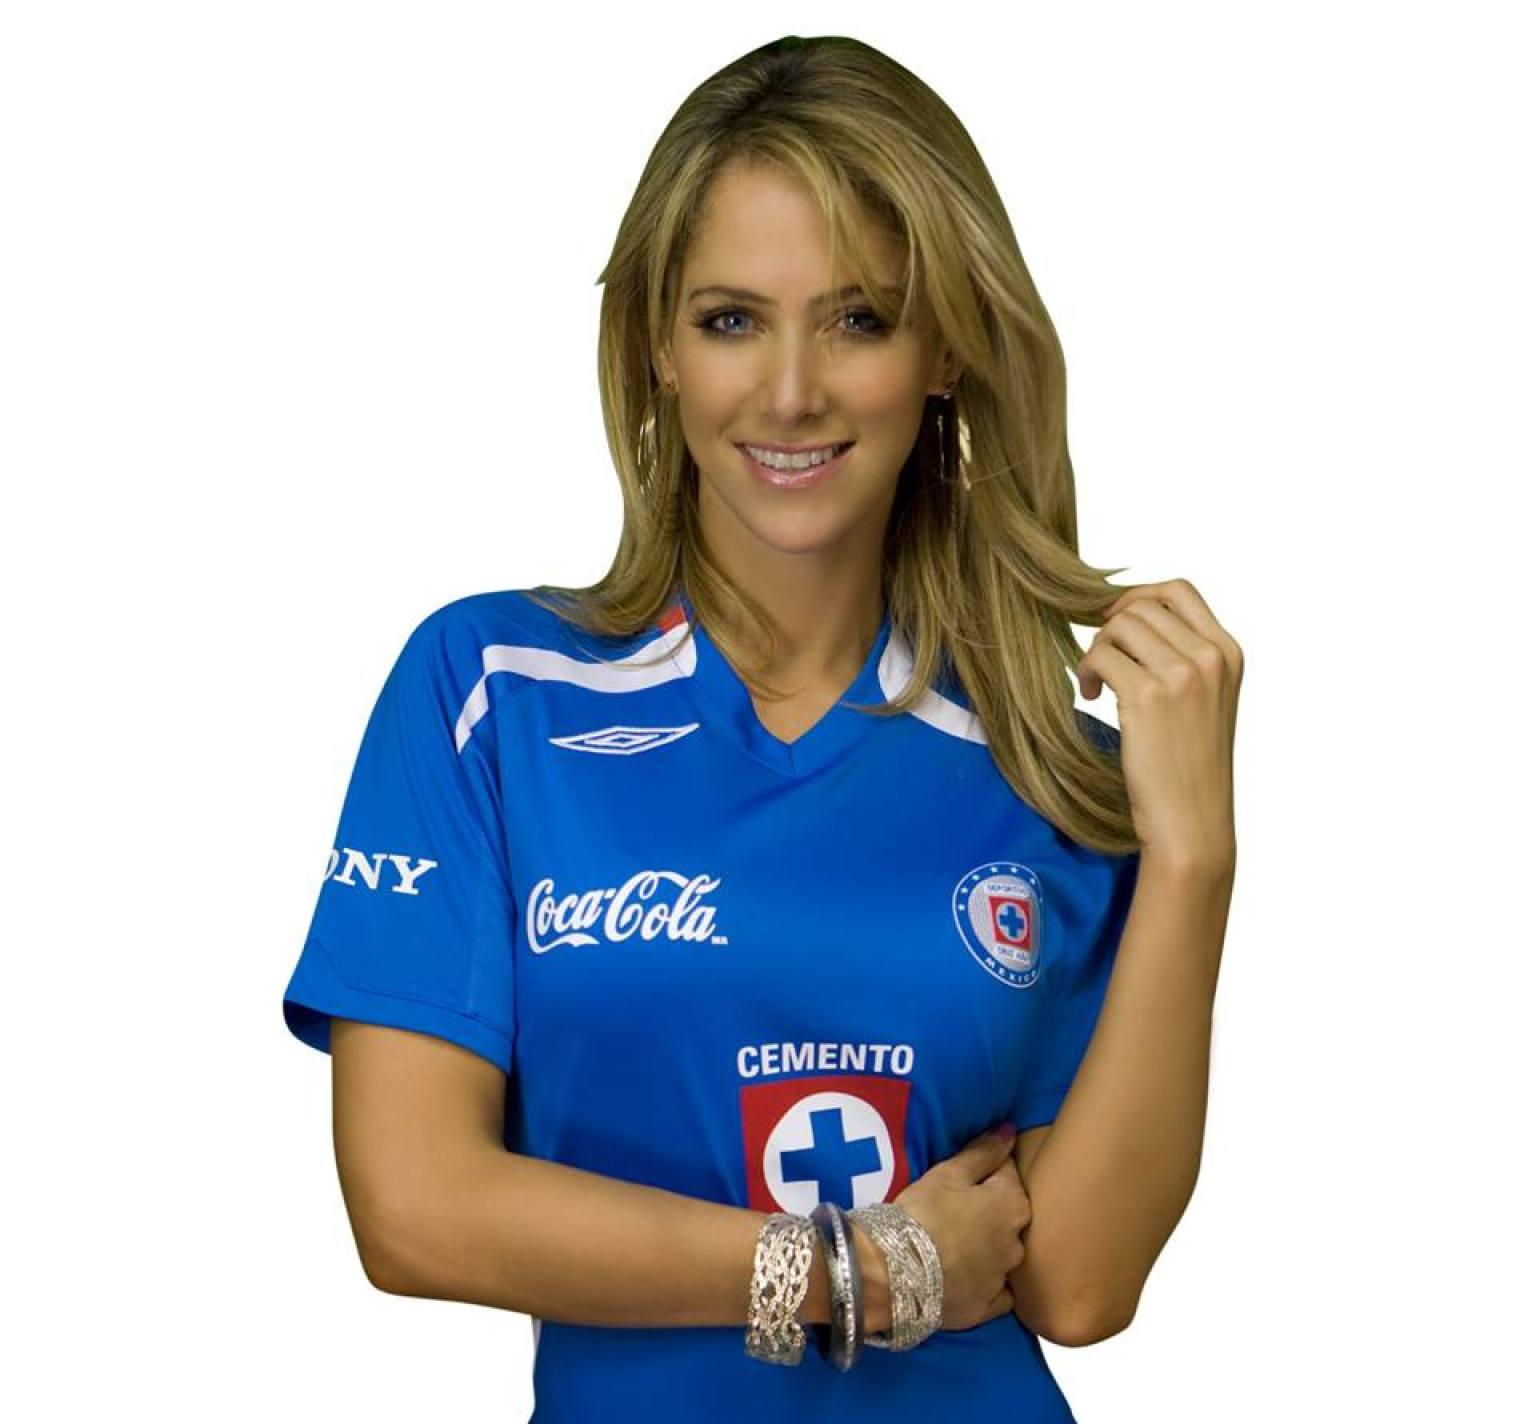 Inés Sainz la fanática más sexy y futbolera del Cruz Azul ...  Inés Sainz la ...